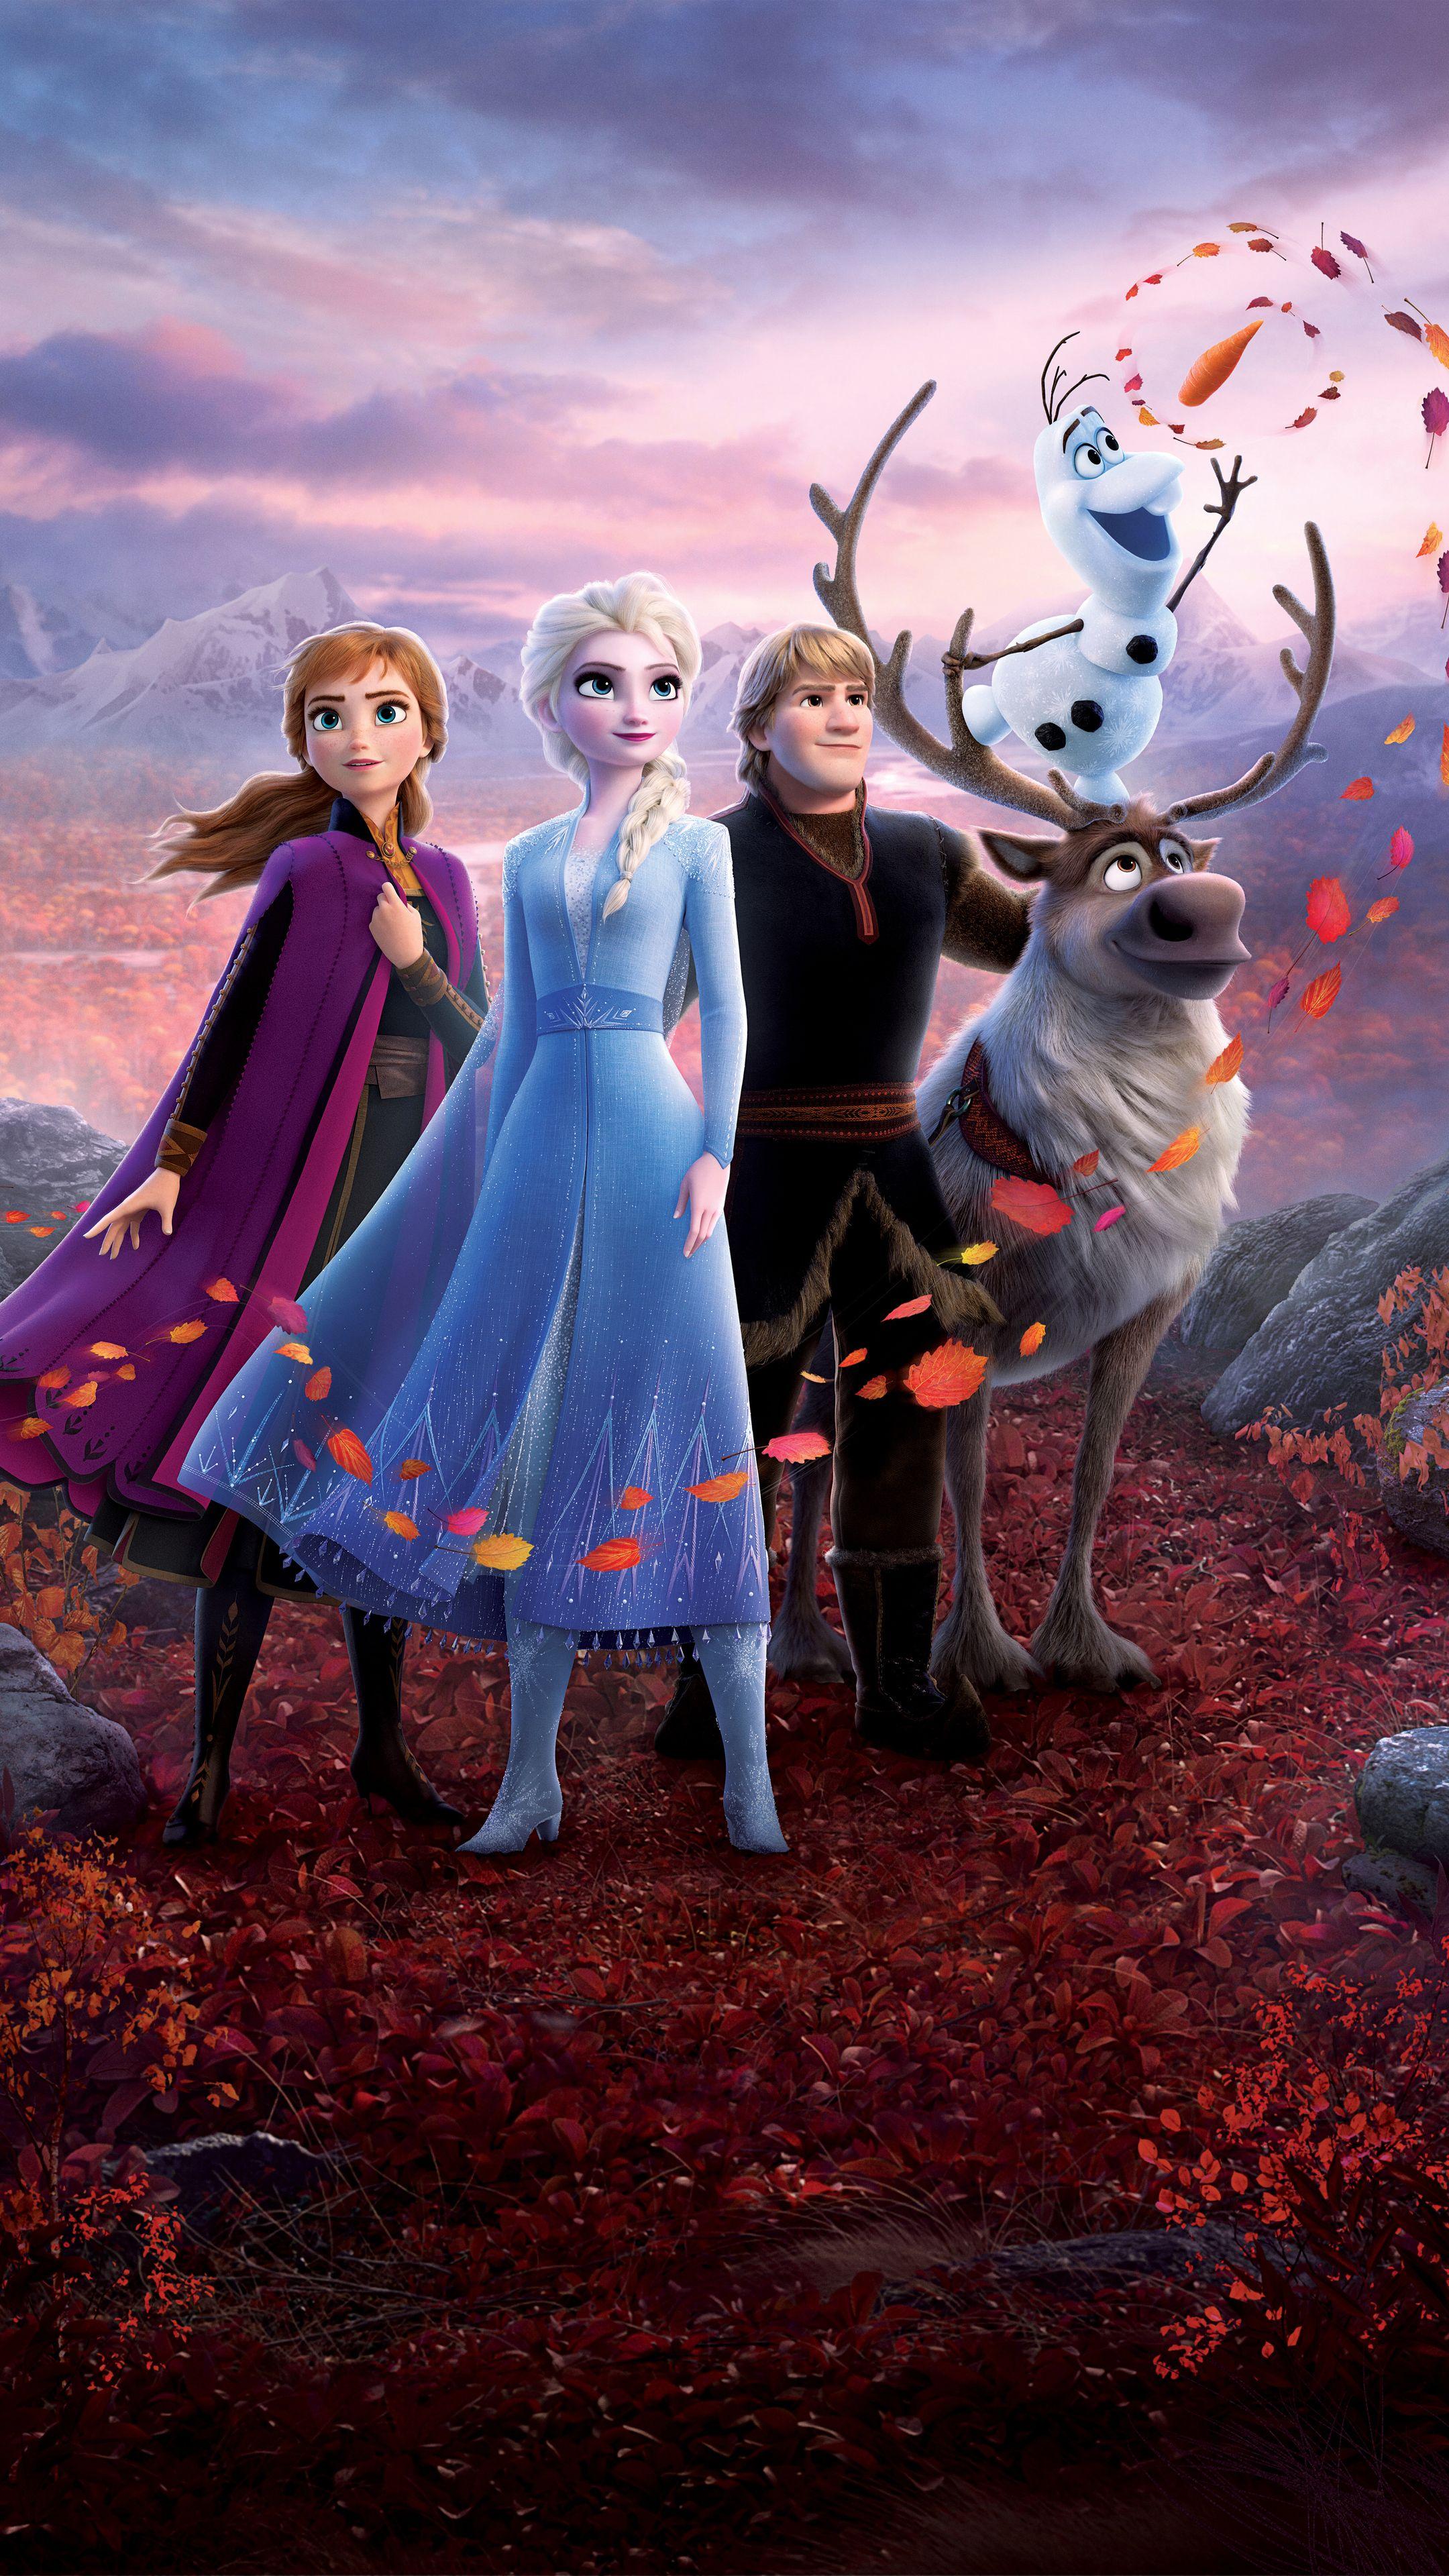 Frozen 2 2019 5k Movie In 2160x3840 Resolution Disney Posteres